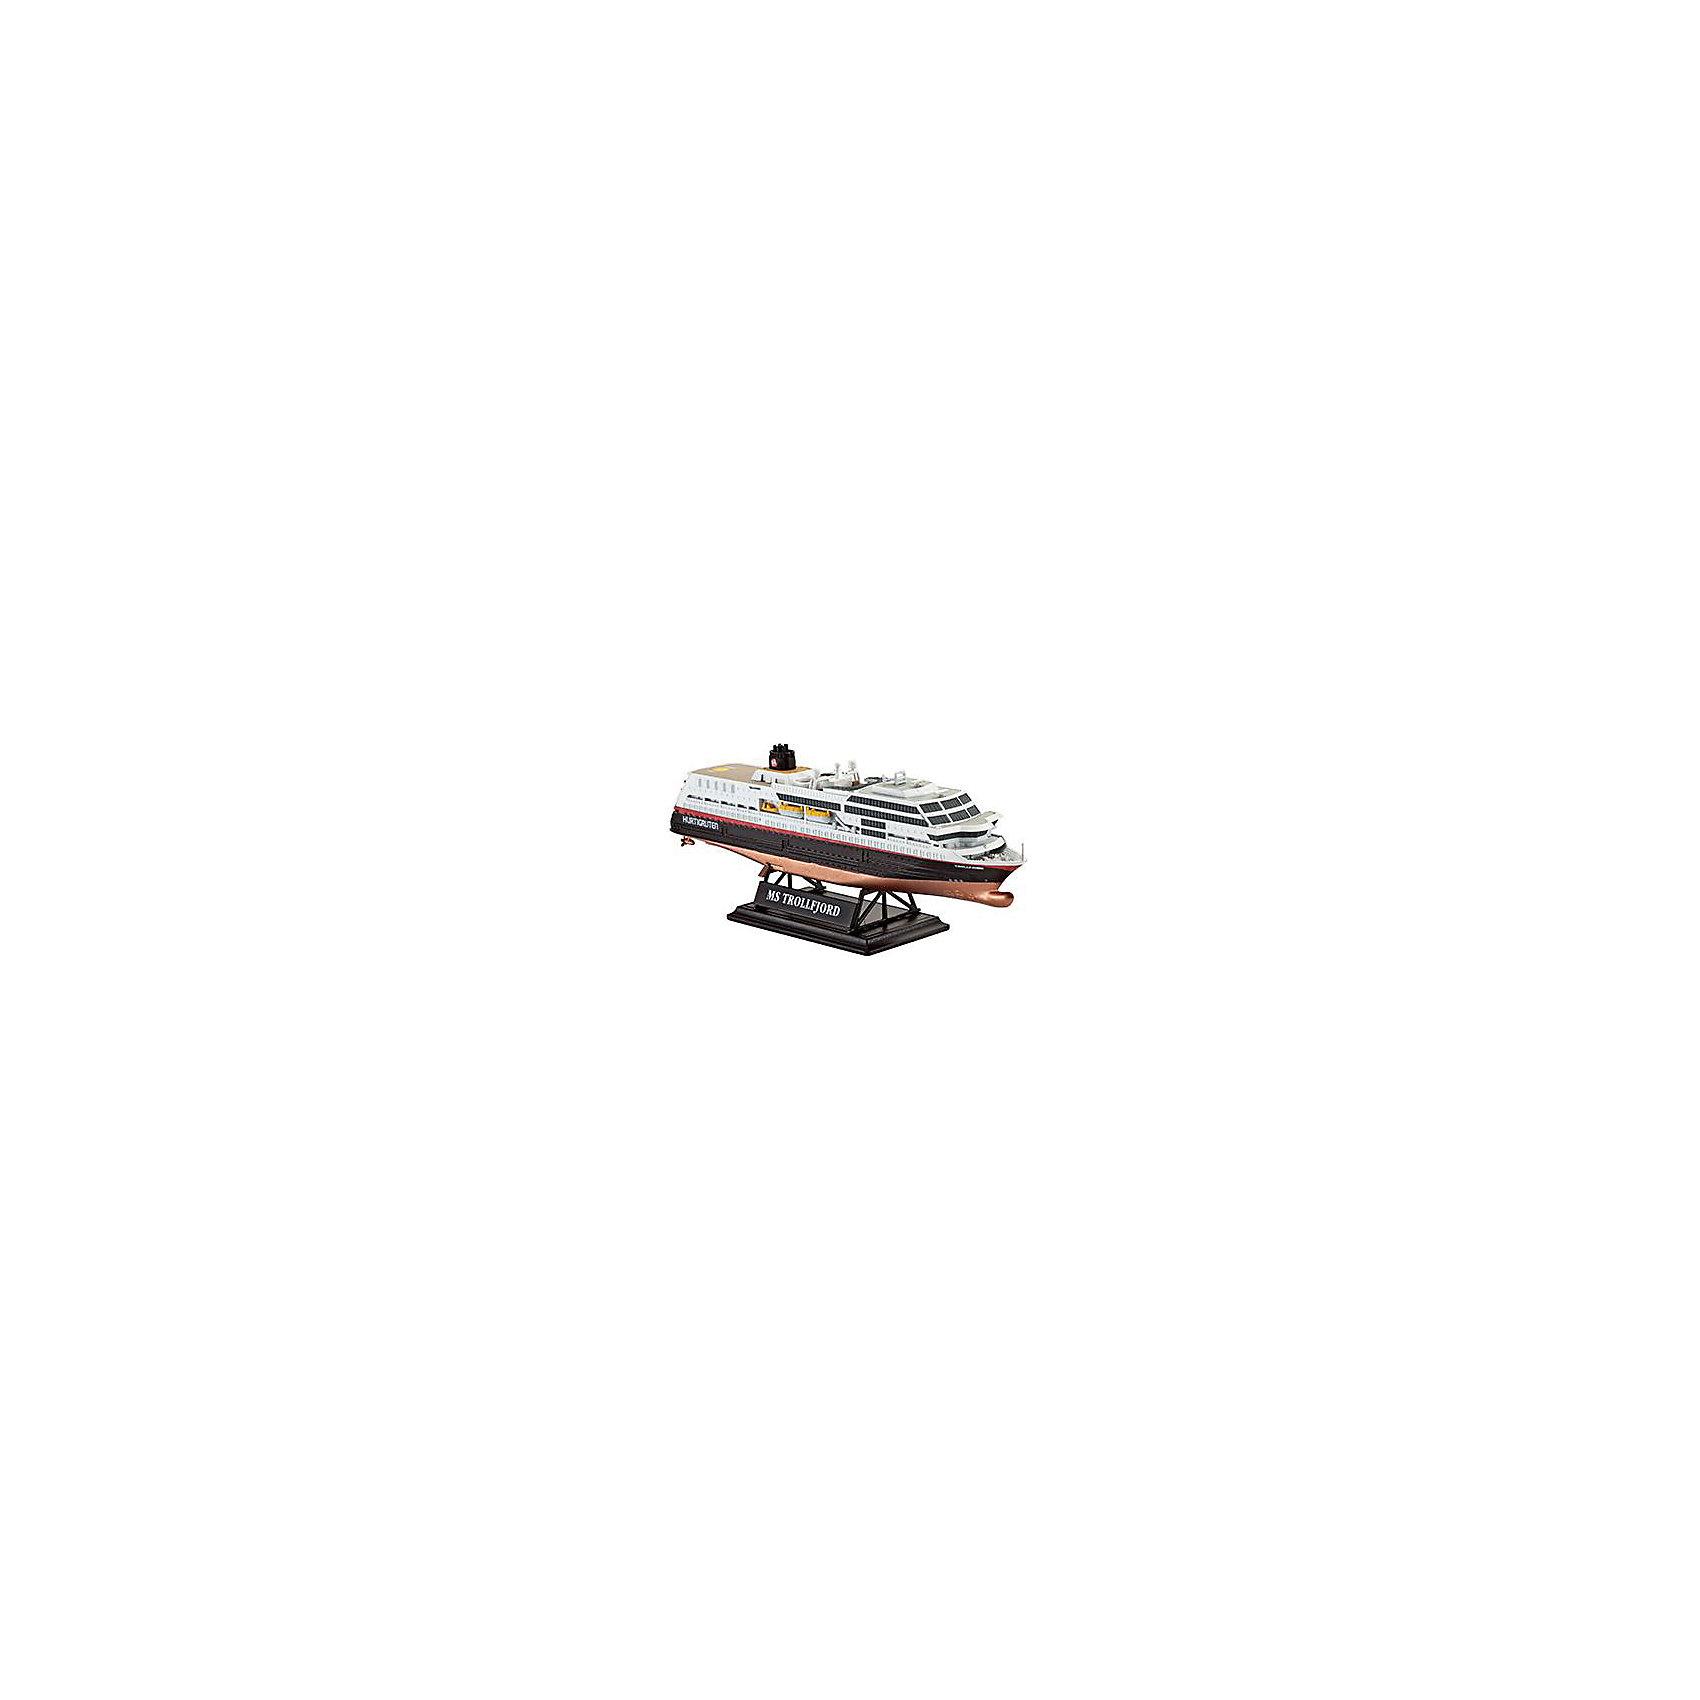 """Круизный лайнер Трафальгар (маршрут Хуртигрутен), норвежскийМодели для склеивания<br>Модель круизного судна """"MS Trollfjord"""". Корабль, плавающий под норвежским флагом, курсирует между городами Берген и Киркенес. Палубы лайнера способны вместить до 823 пассажиров и 45 автомобилей. <br>Масштаб: 1:1200 <br>Количество деталей: 43 <br>Длина модели: 113 мм <br>Уровень сложности: 3 <br>Клей и краски в комплект не входят.<br><br>Ширина мм: 9999<br>Глубина мм: 9999<br>Высота мм: 9999<br>Вес г: 9999<br>Возраст от месяцев: 120<br>Возраст до месяцев: 2147483647<br>Пол: Мужской<br>Возраст: Детский<br>SKU: 7122326"""